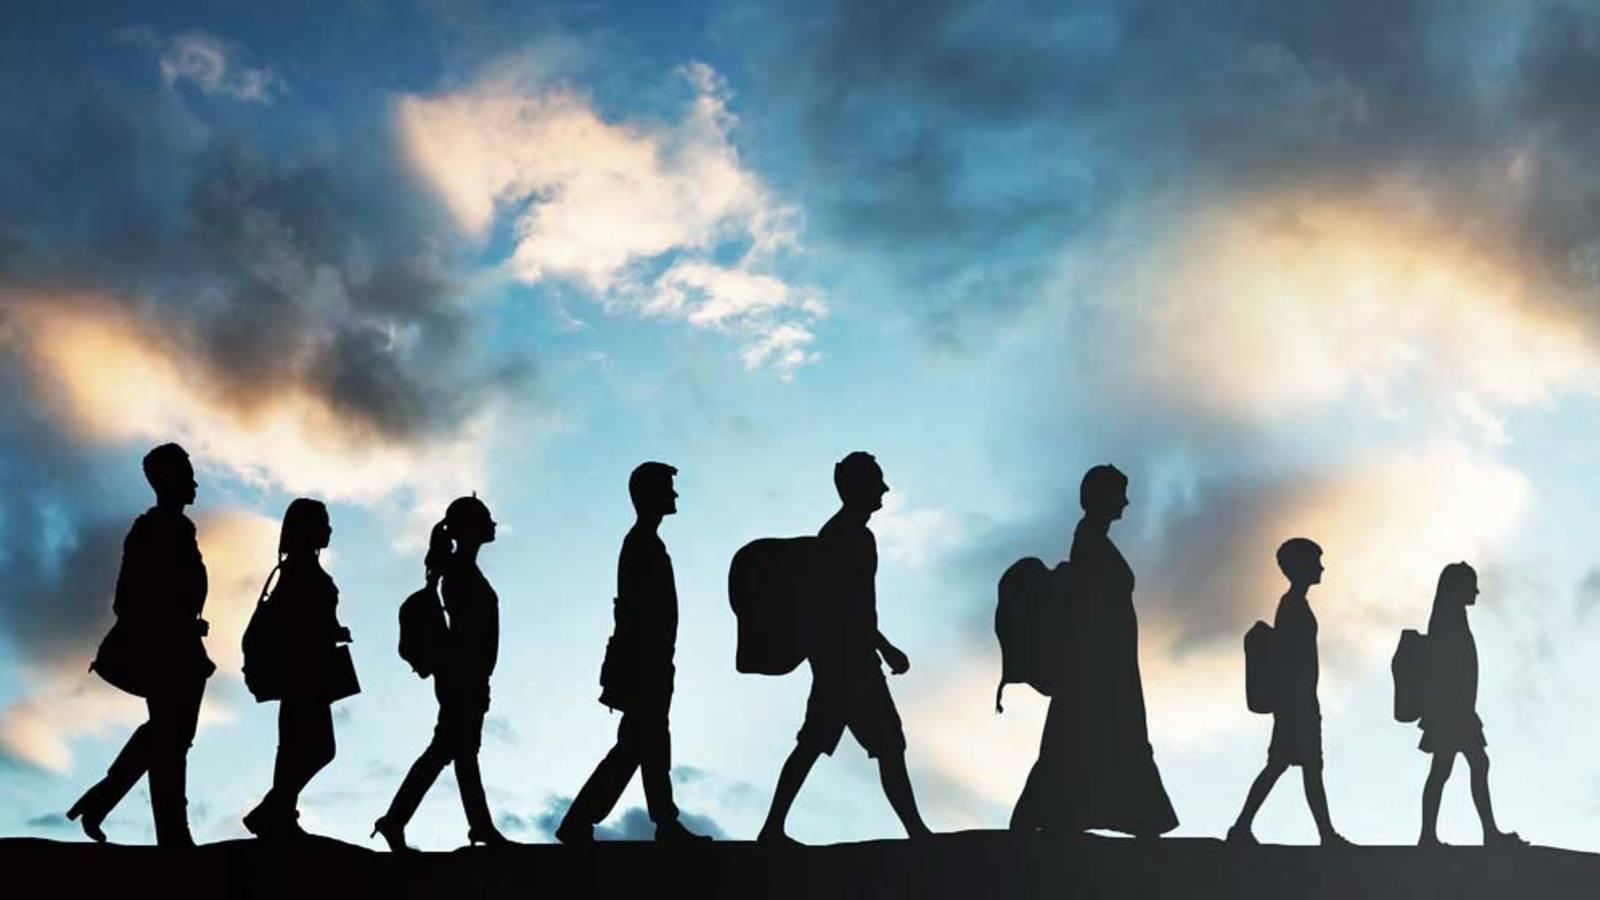 wohlstand-migrieren-nicht-menschen